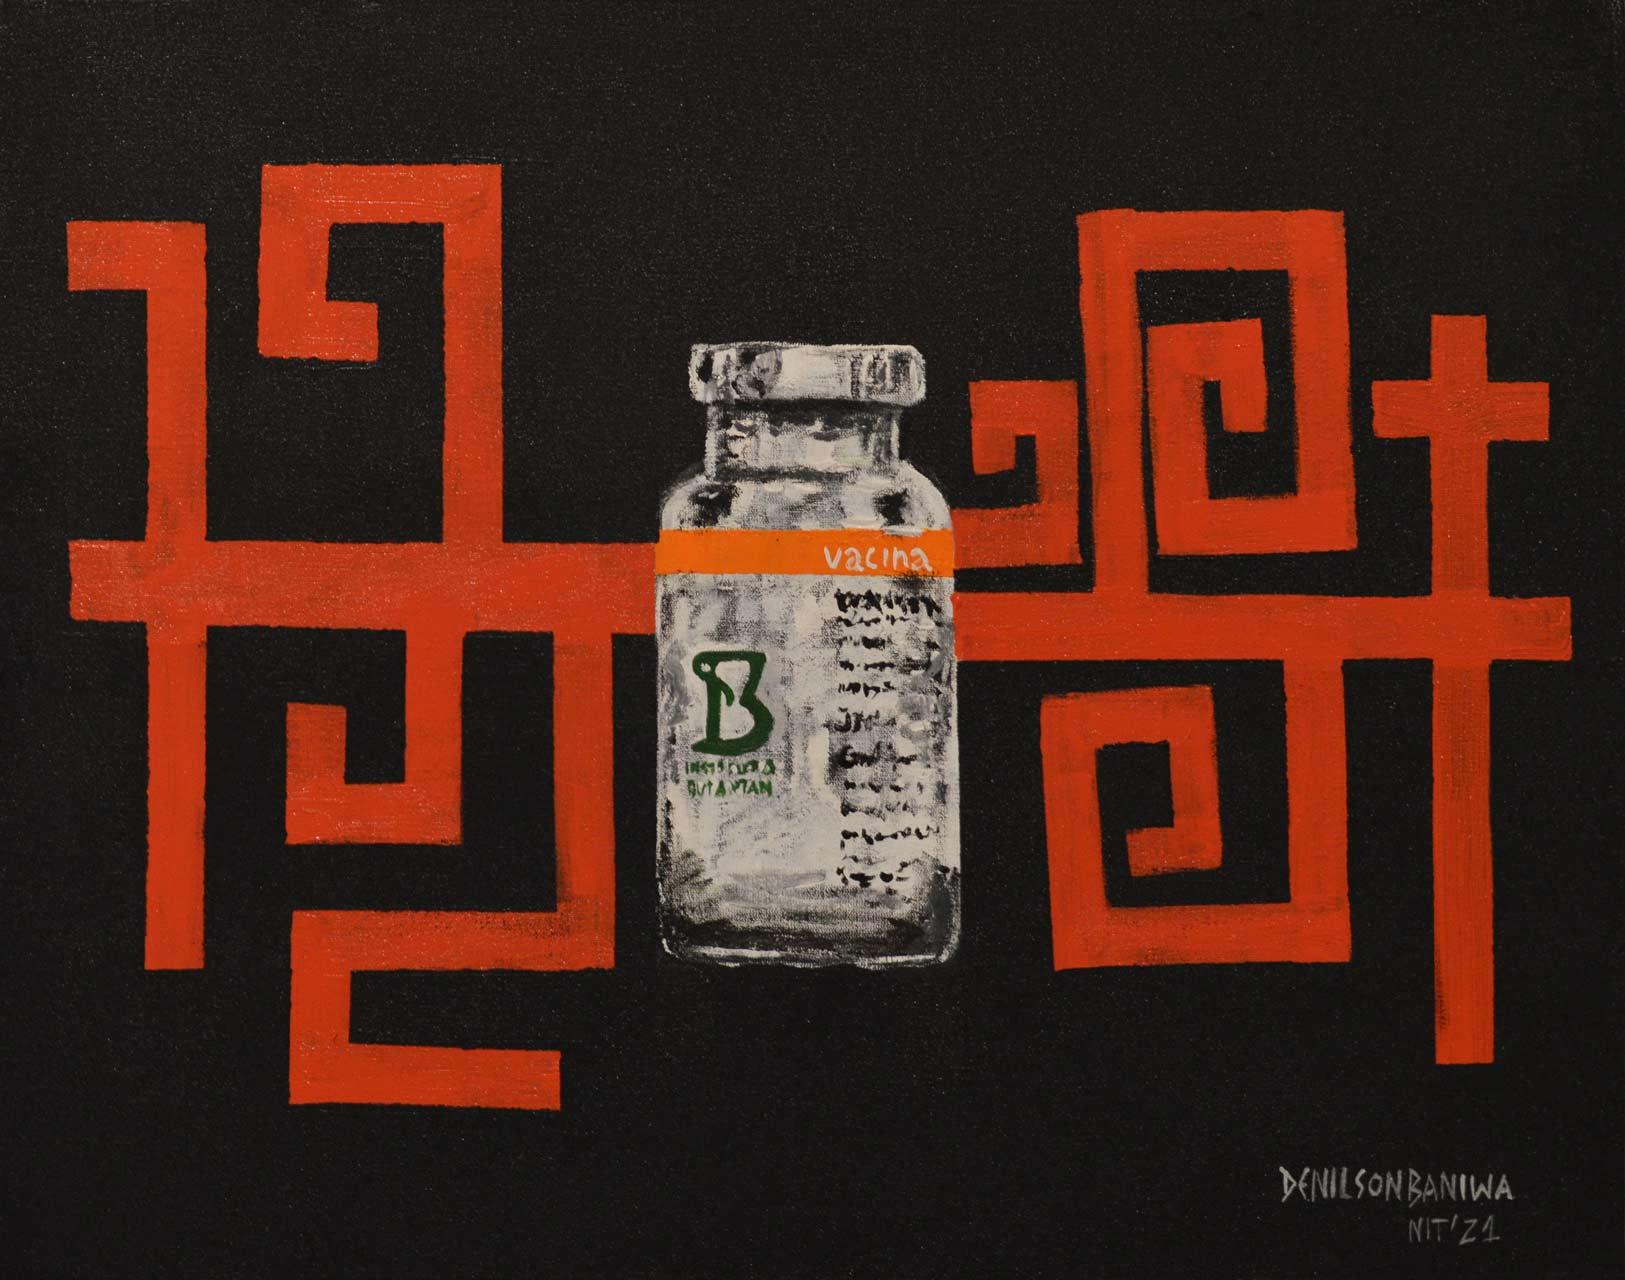 Vidro de vacina da Coronavac fabricada pelo Butantã ao fundo com grafismos indígenas em vermelho